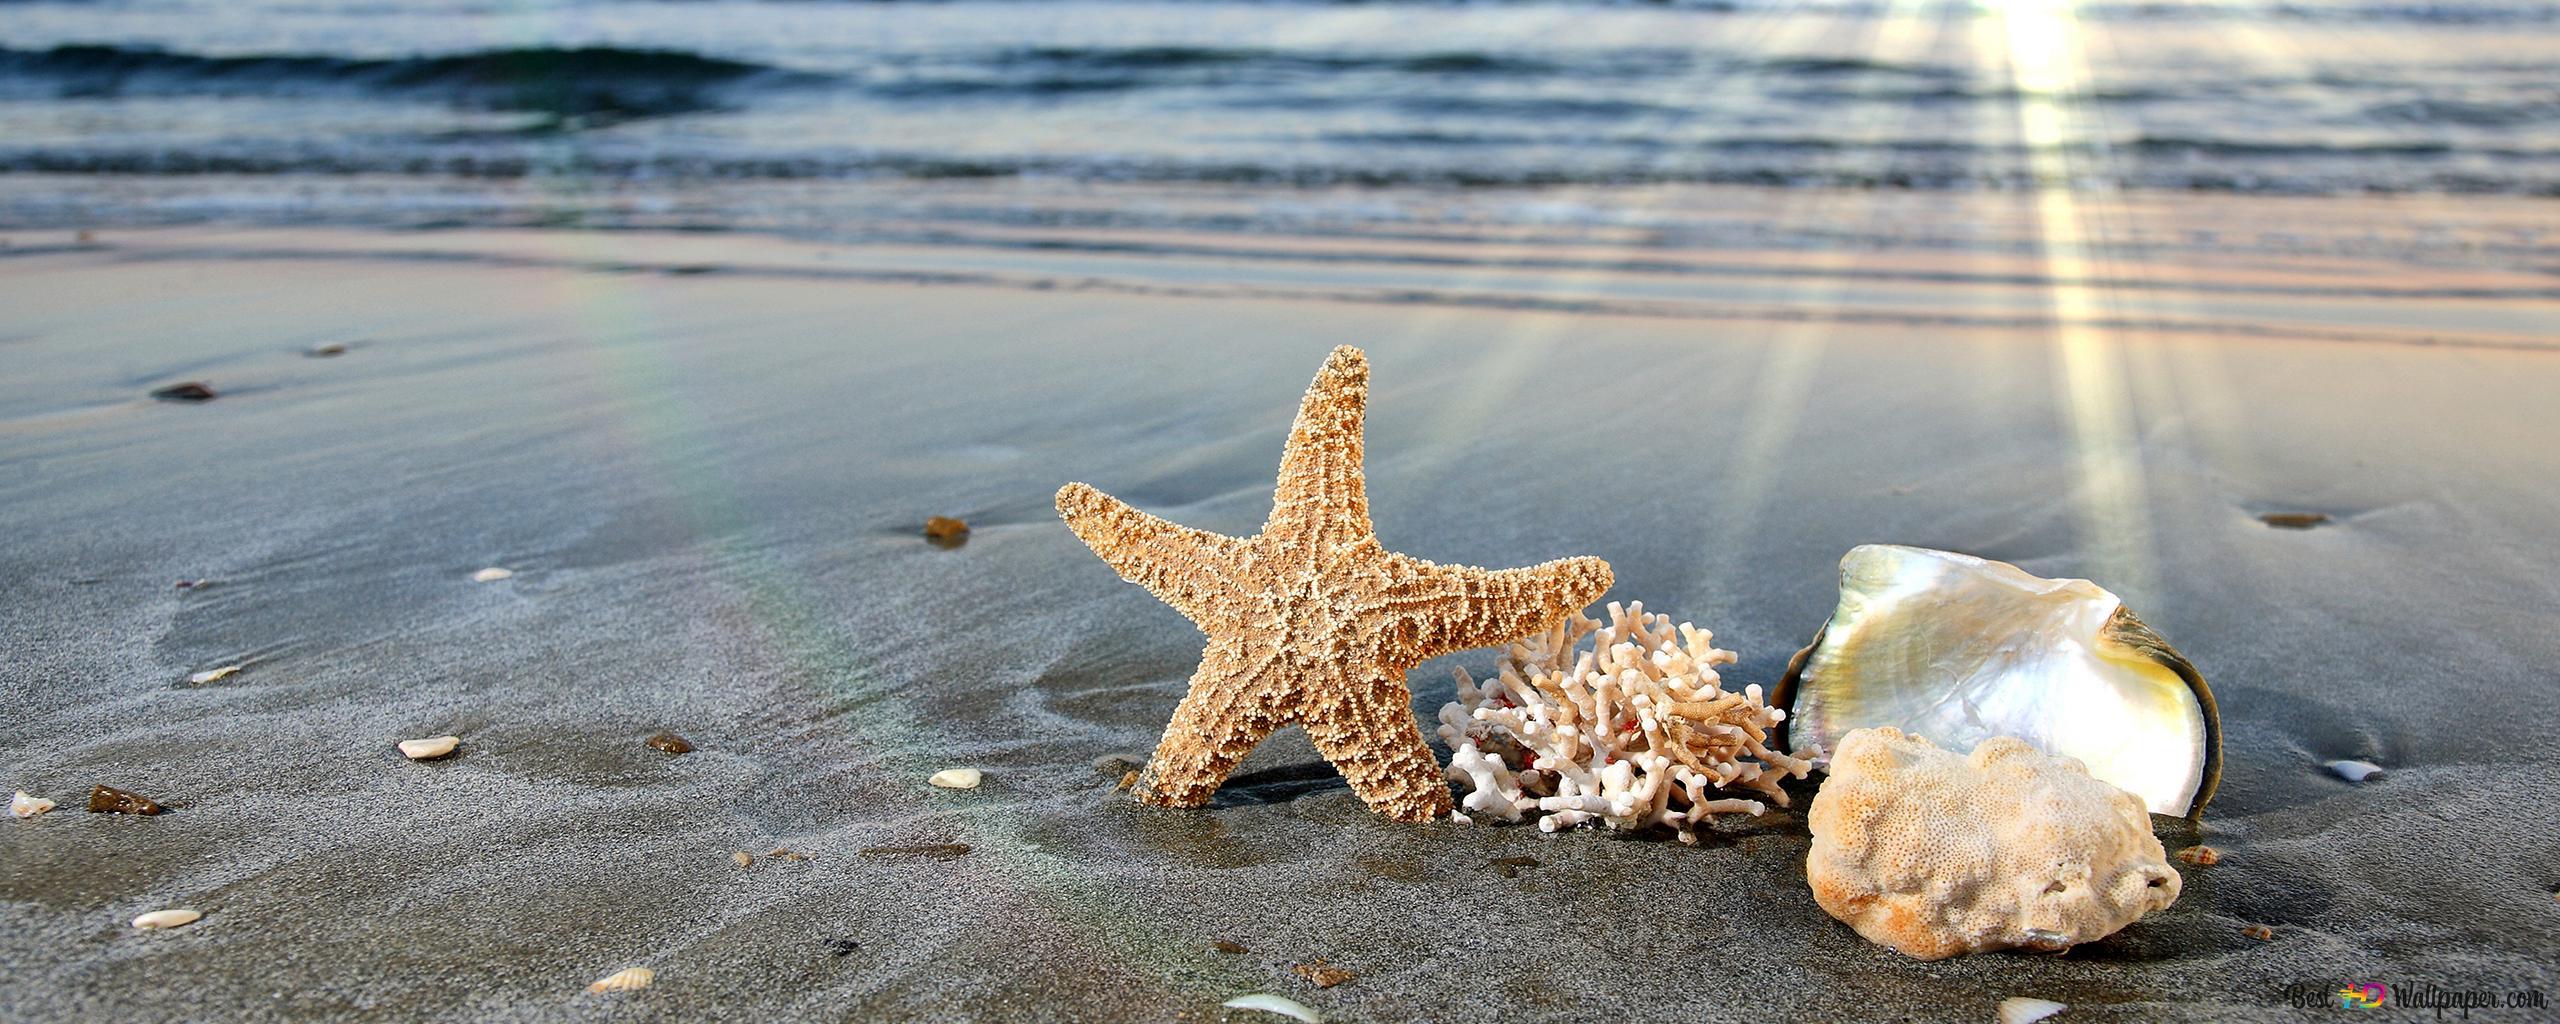 Conchiglie Di Mare In Spiaggia Download Di Sfondi Hd